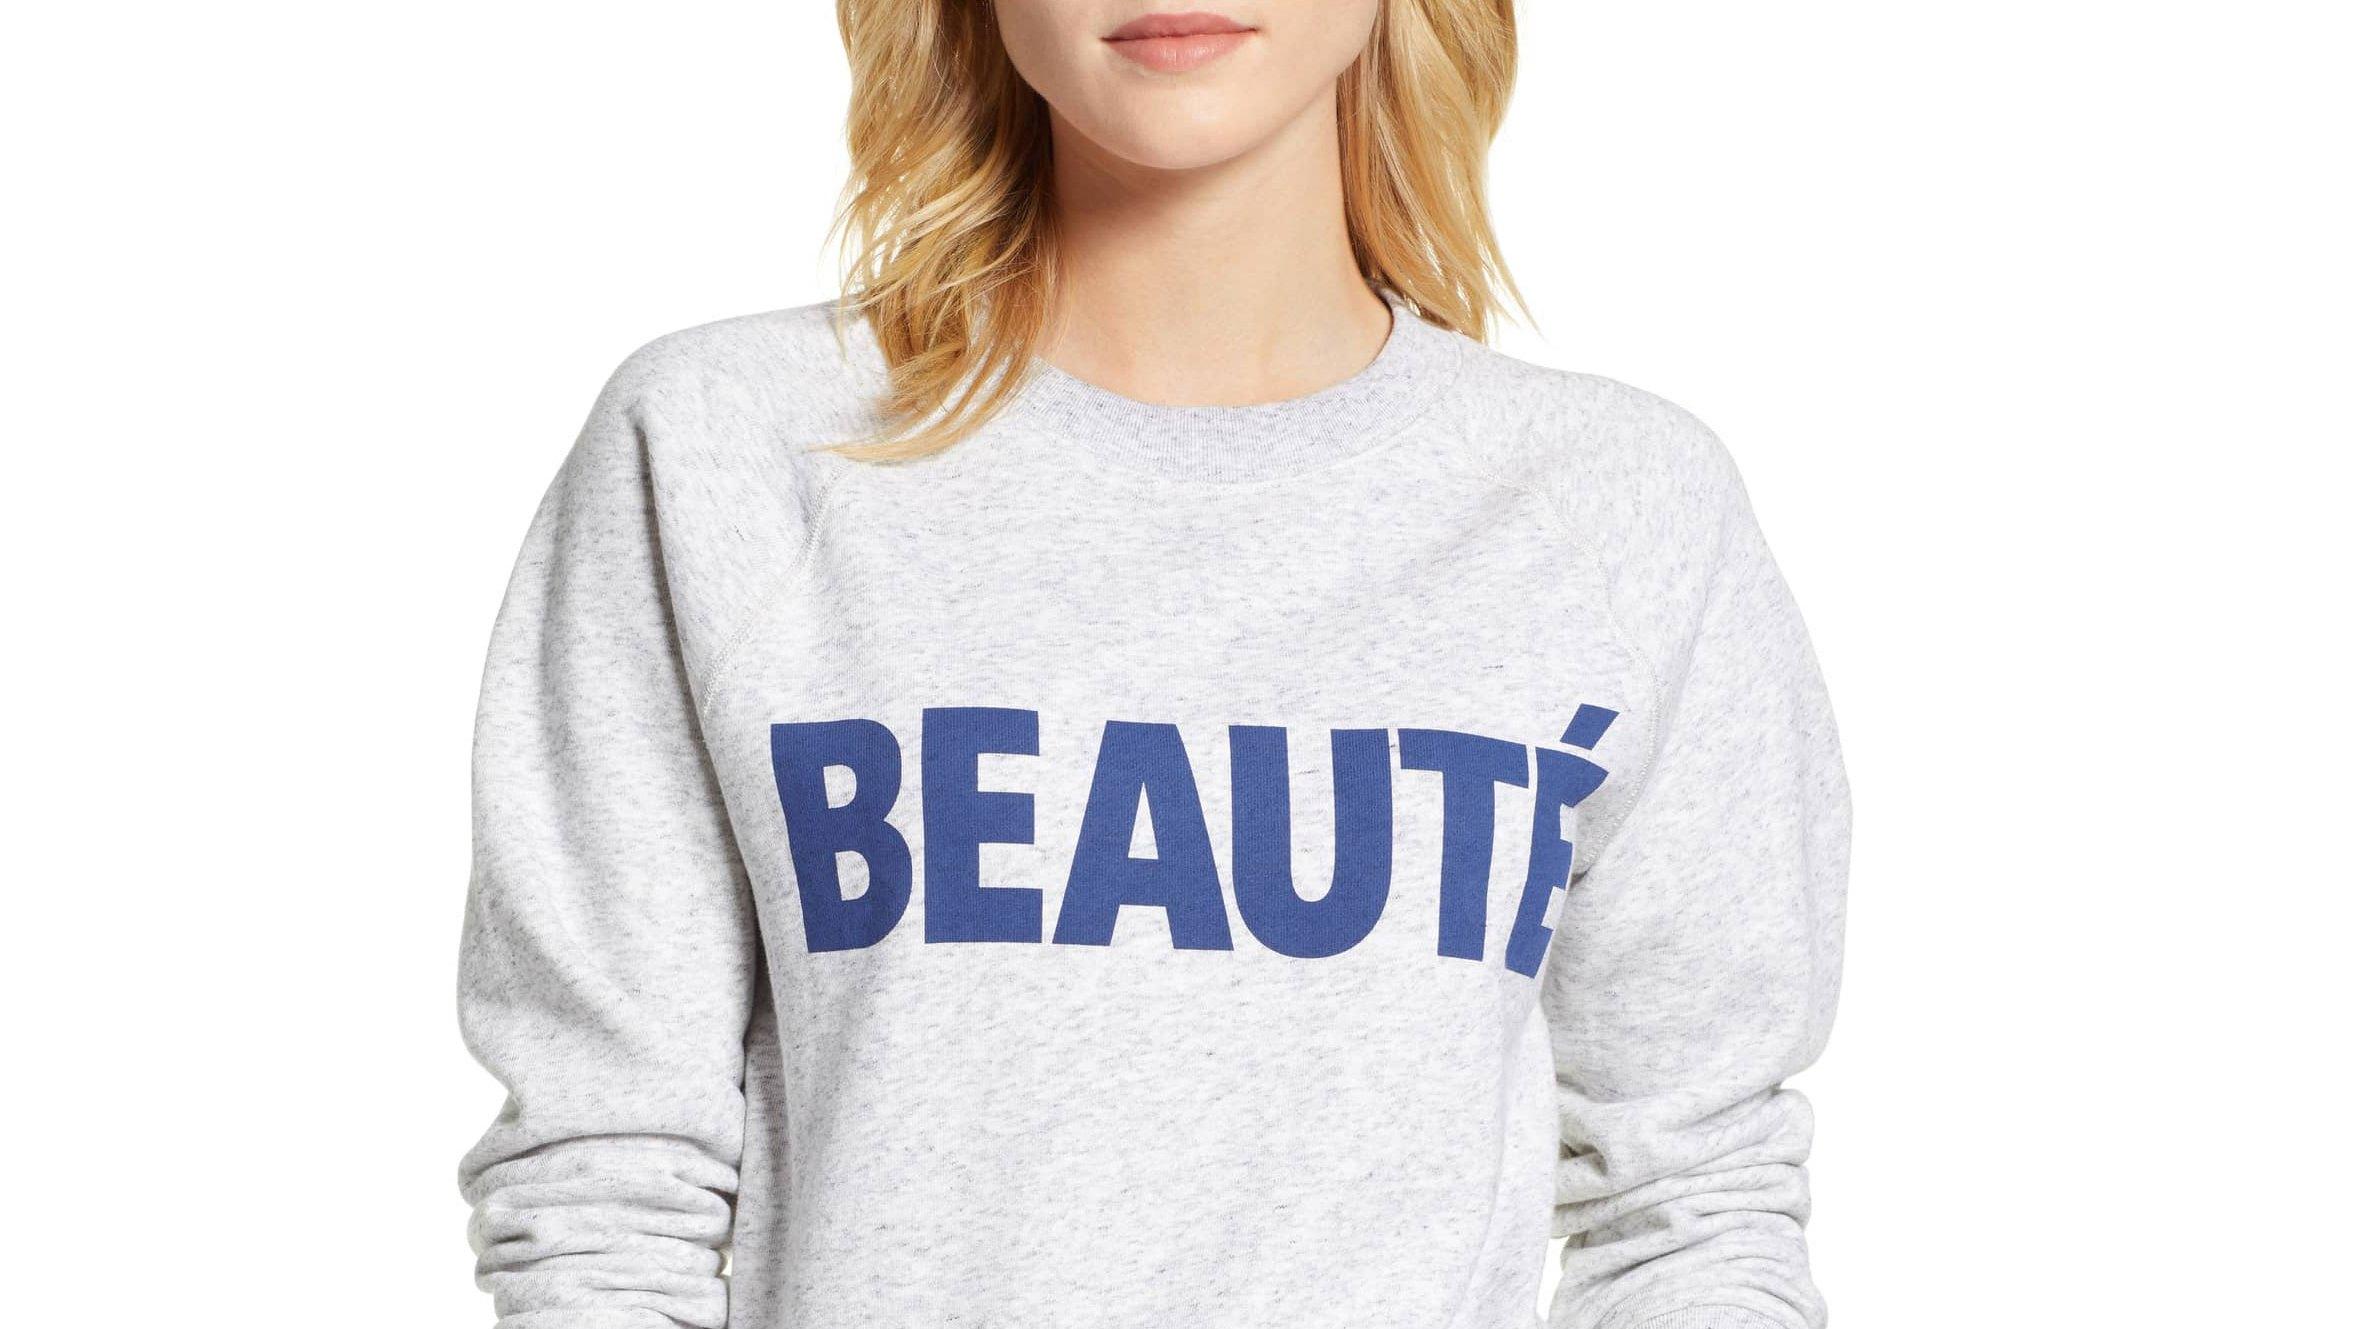 J.Crew-Beauté-Sweatshirt